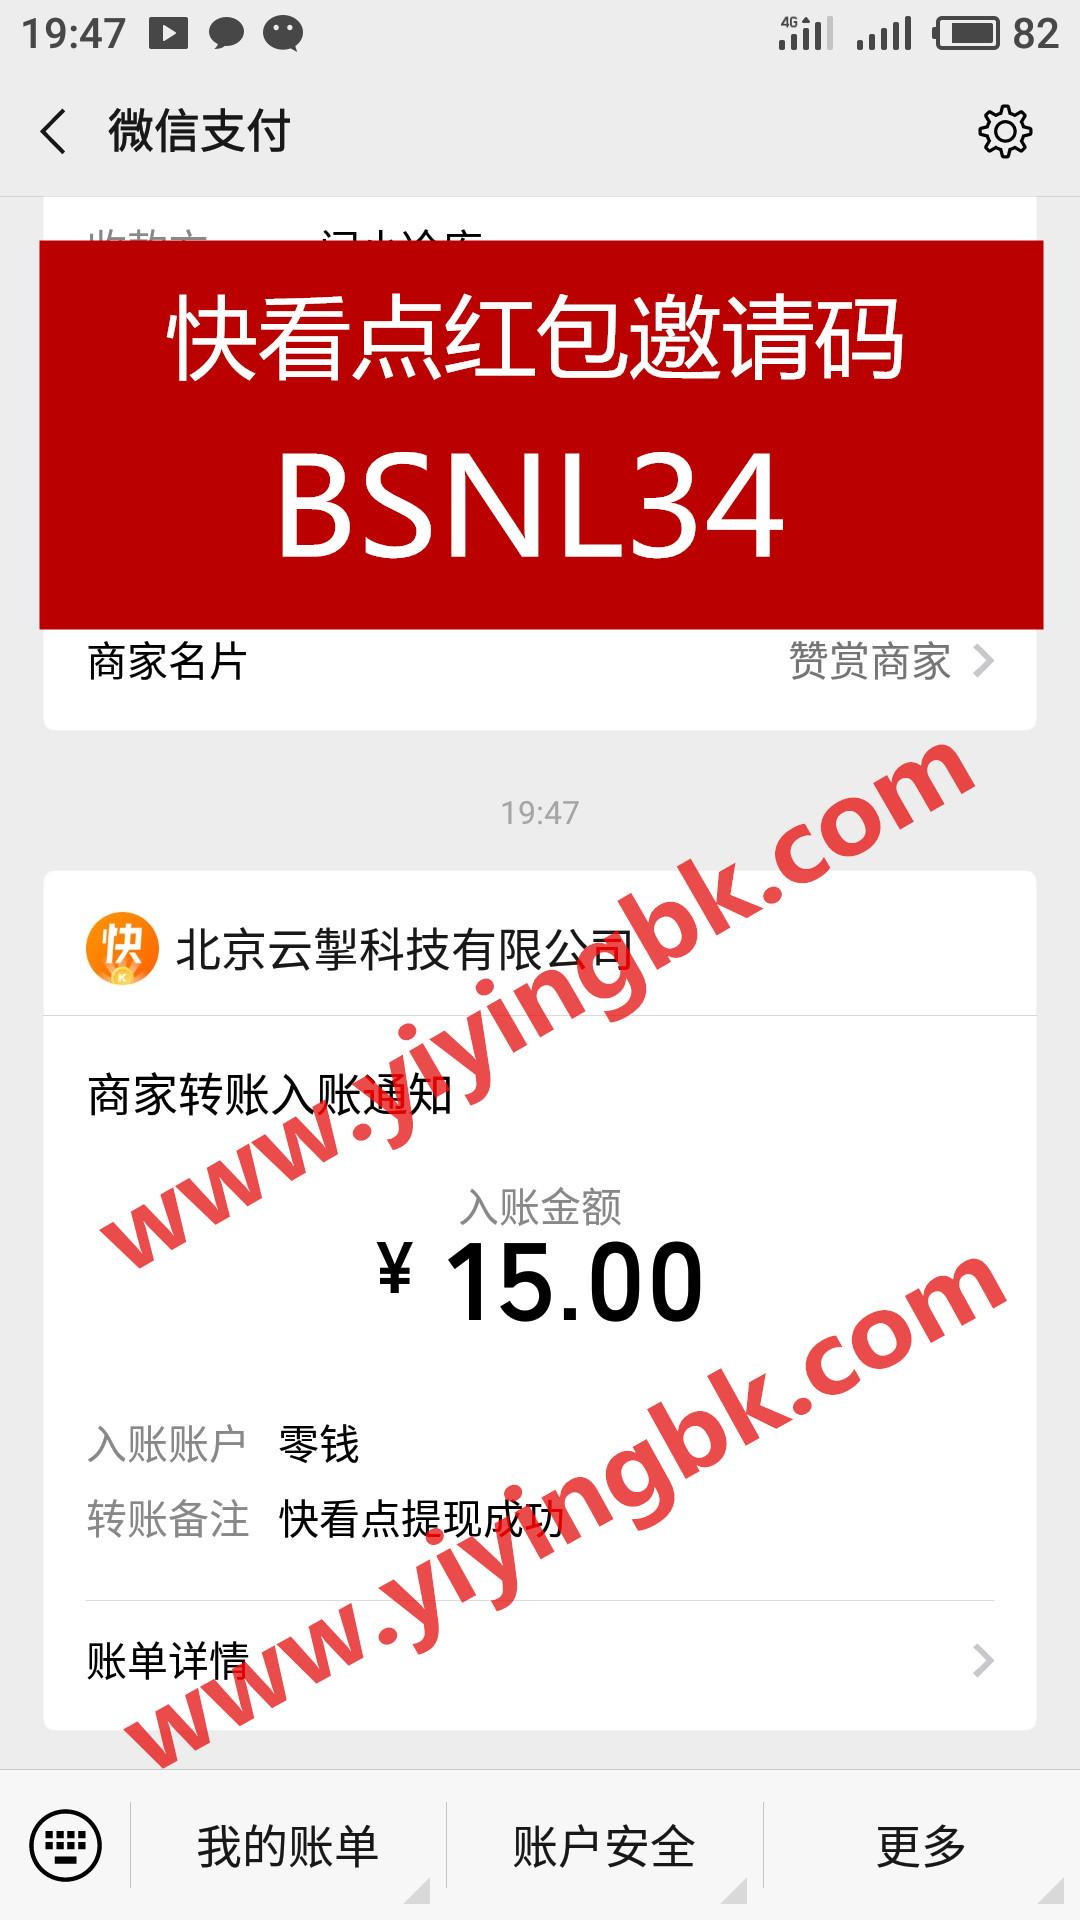 快看点,看动漫,动画片,网剧,微电影,免费领红包赚零花钱,微信提现15元快速到账。www.yiyingbk.com